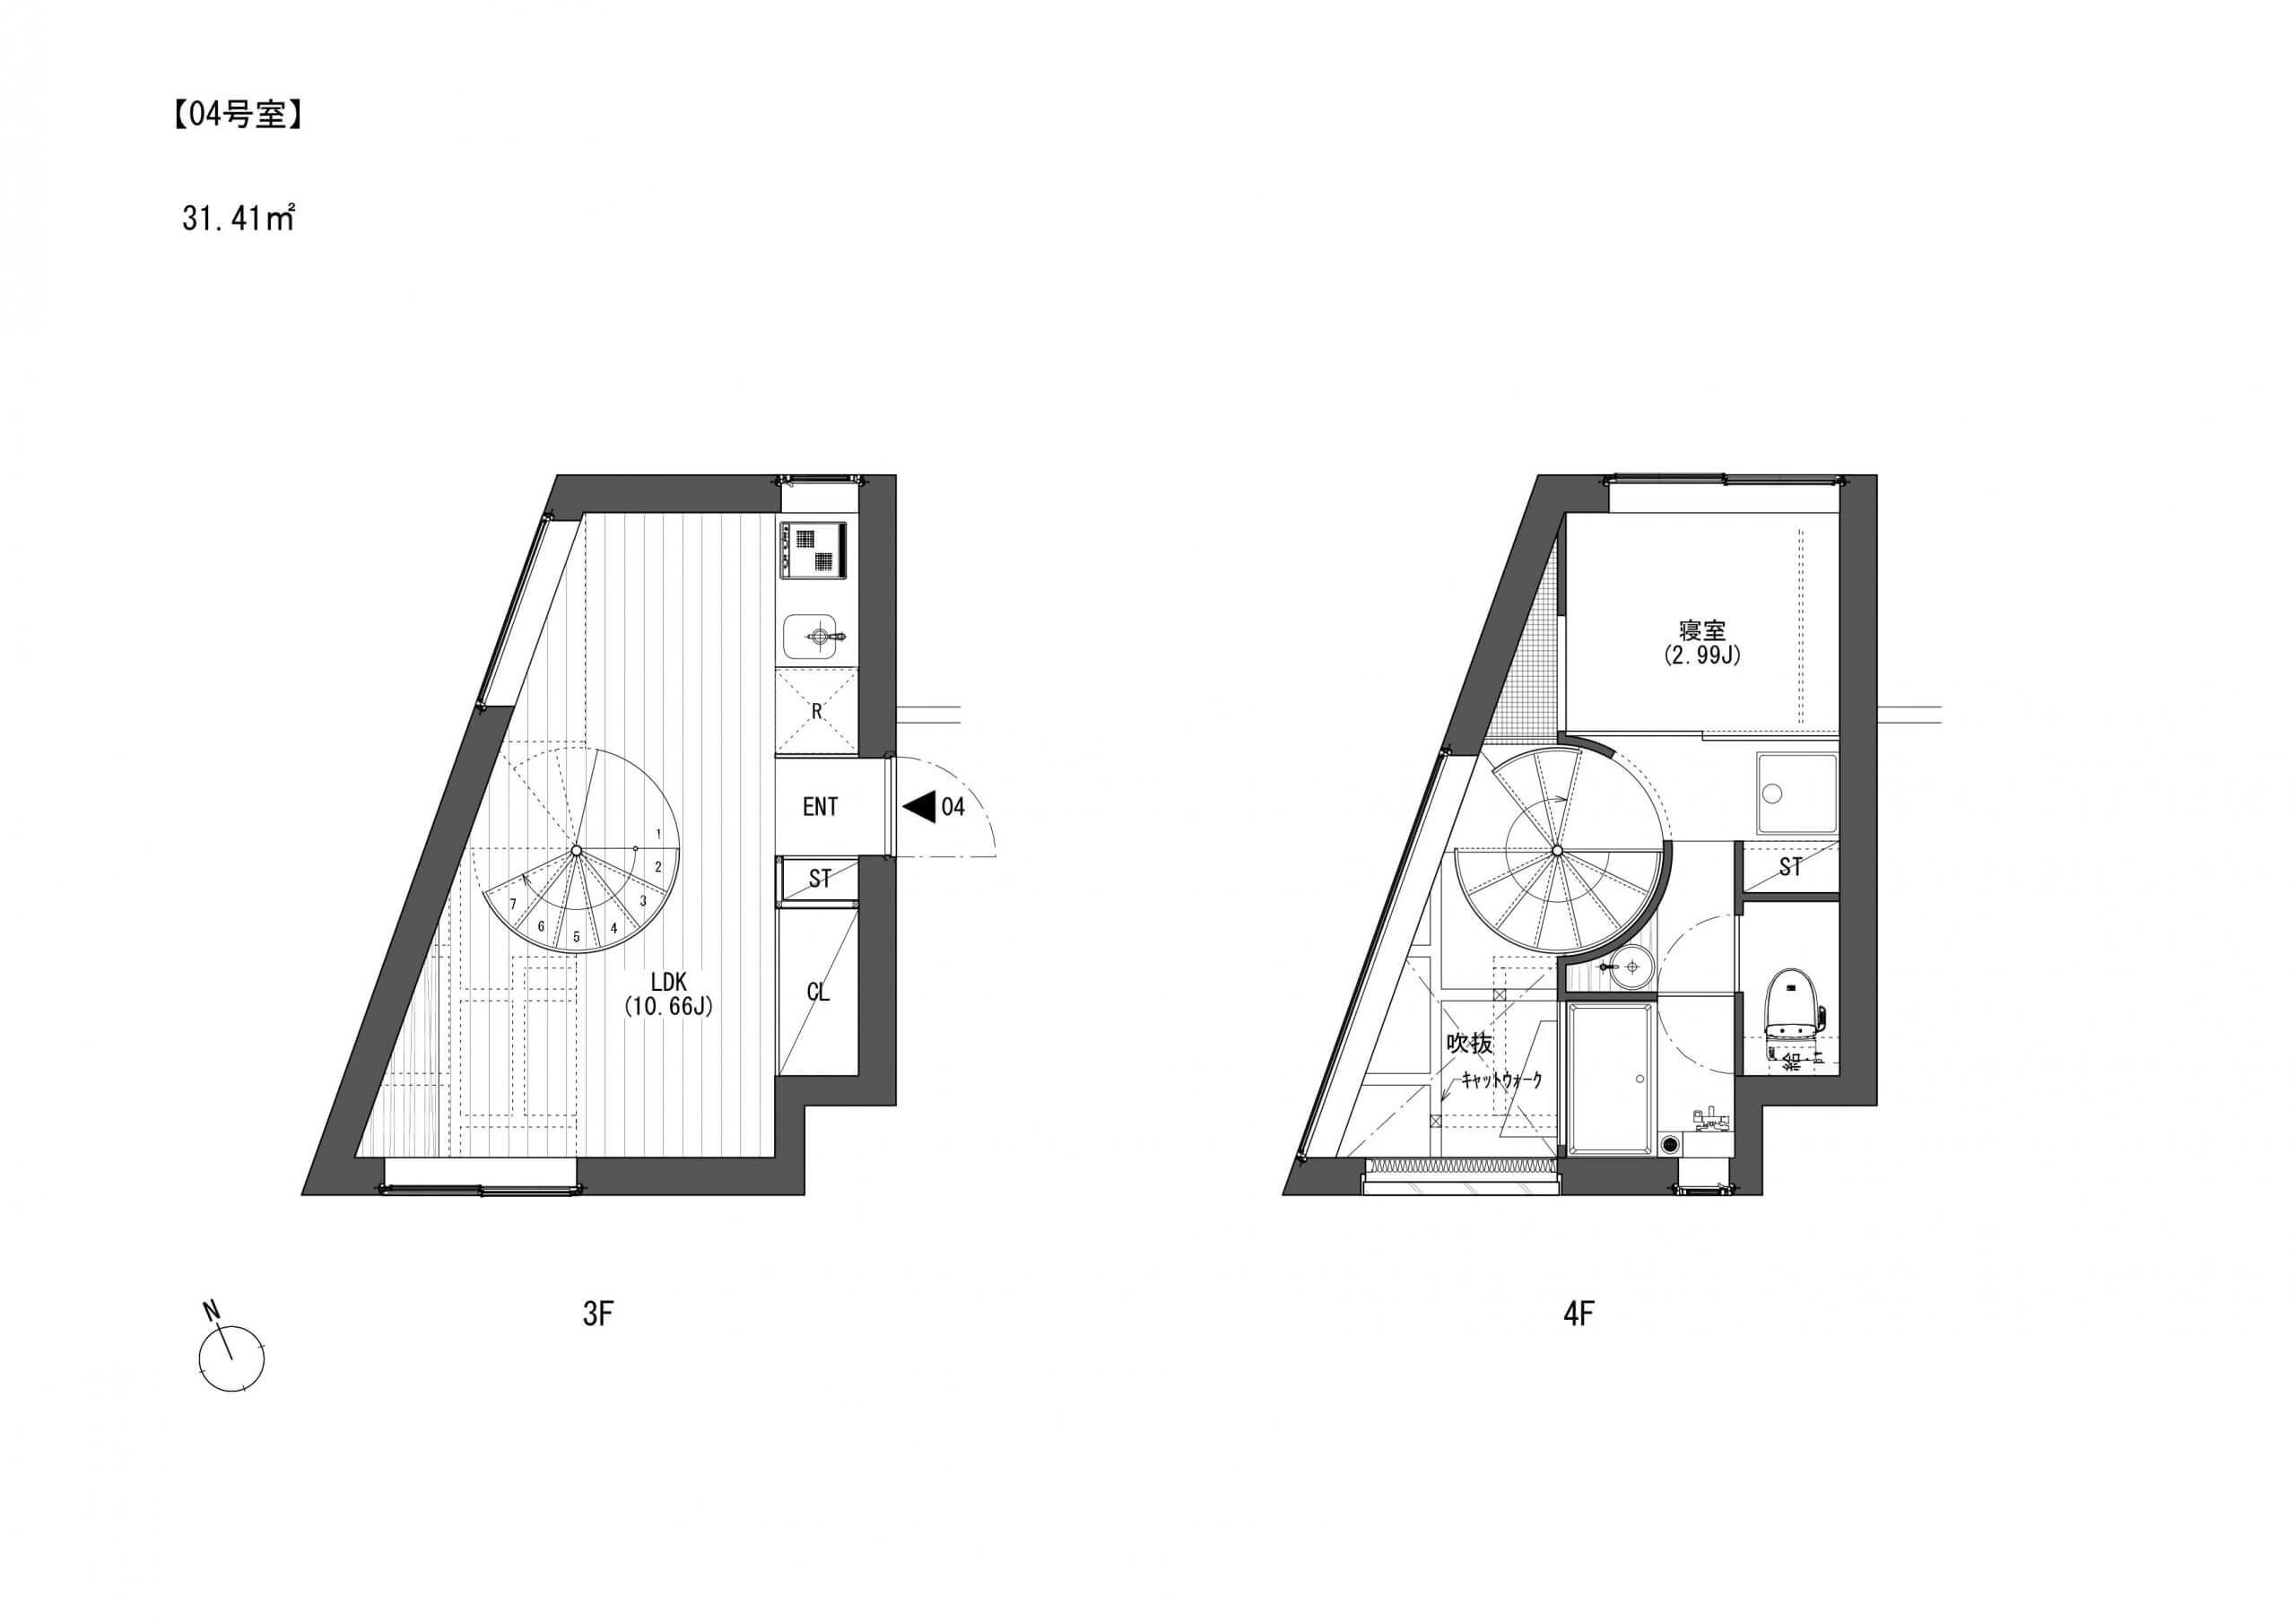 4号室は賃料155000円、共益費10000円です。 こちらはリビングど真ん中の螺旋階段!なんともおしゃれな作りです。キッチンとリビングを螺旋階段で分けるような感じでしょうか??生活動線の邪魔にはならないところが素晴らしいですにゃ。